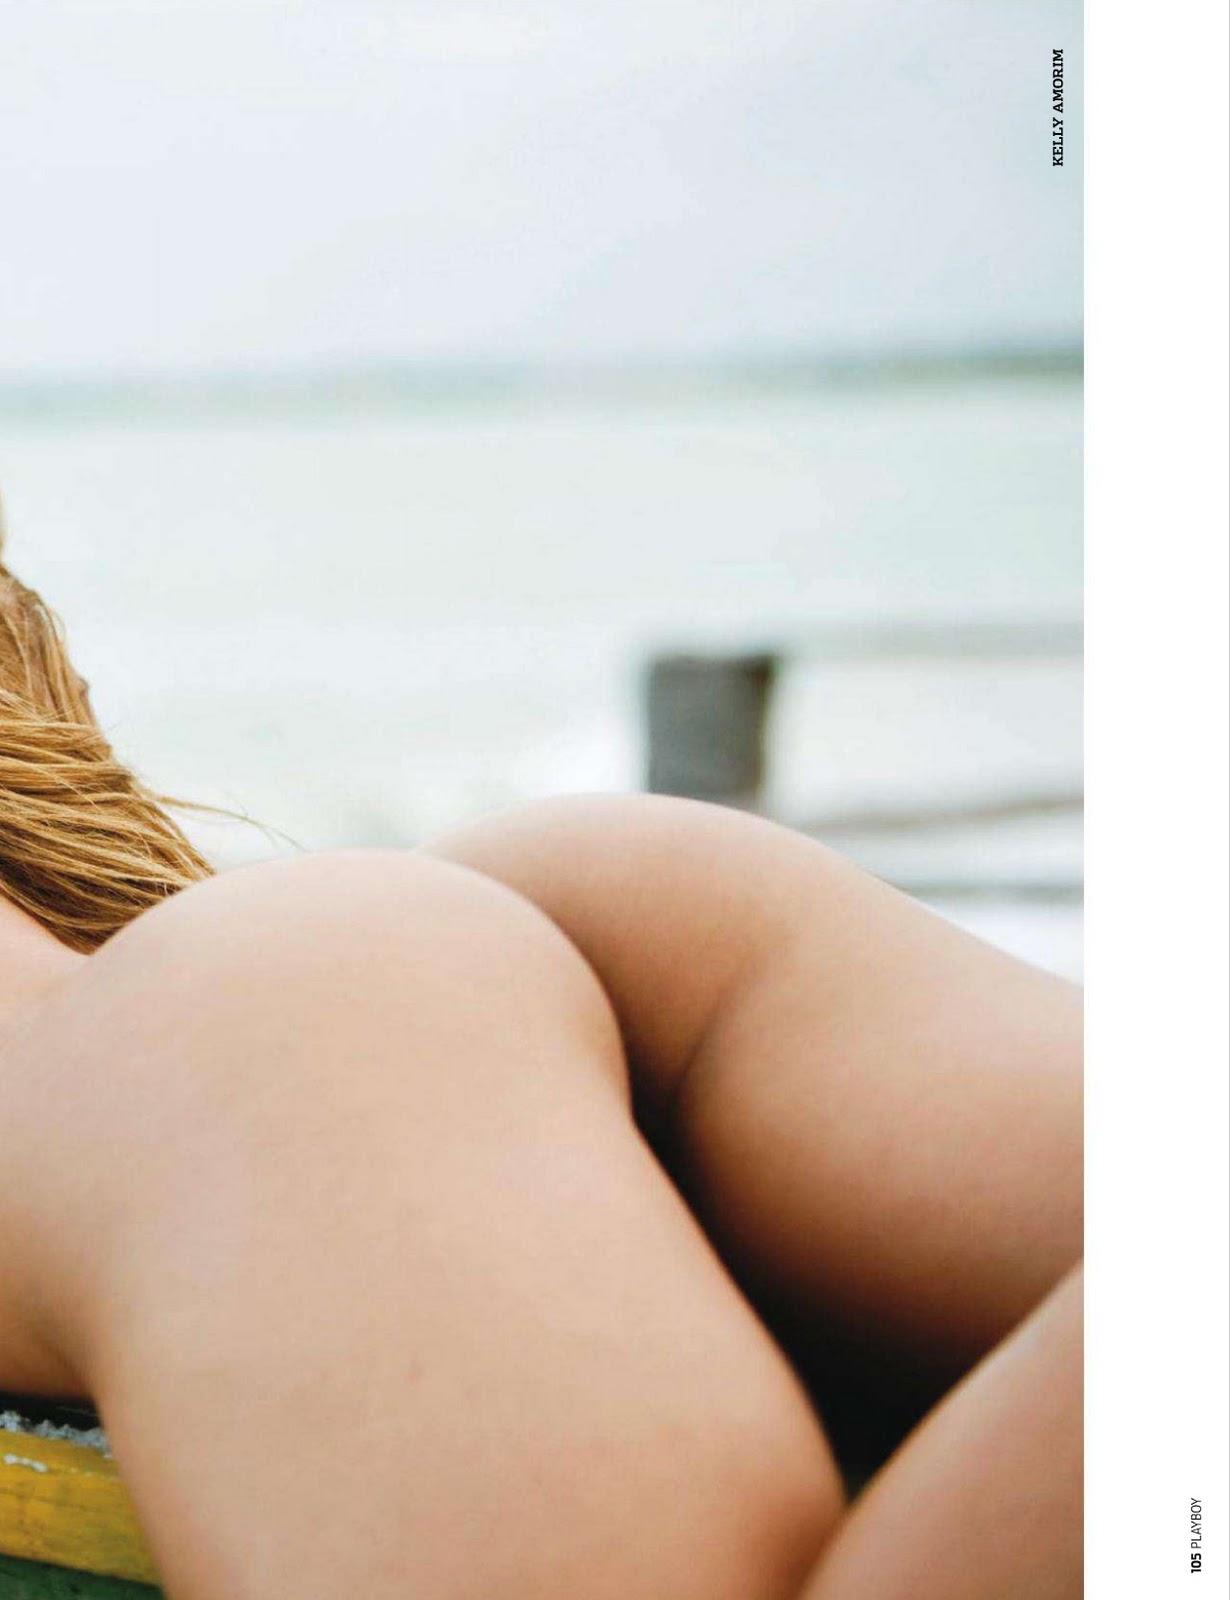 Seleccion Mujeres Images Artistas Famosas Hermosas Latina Del